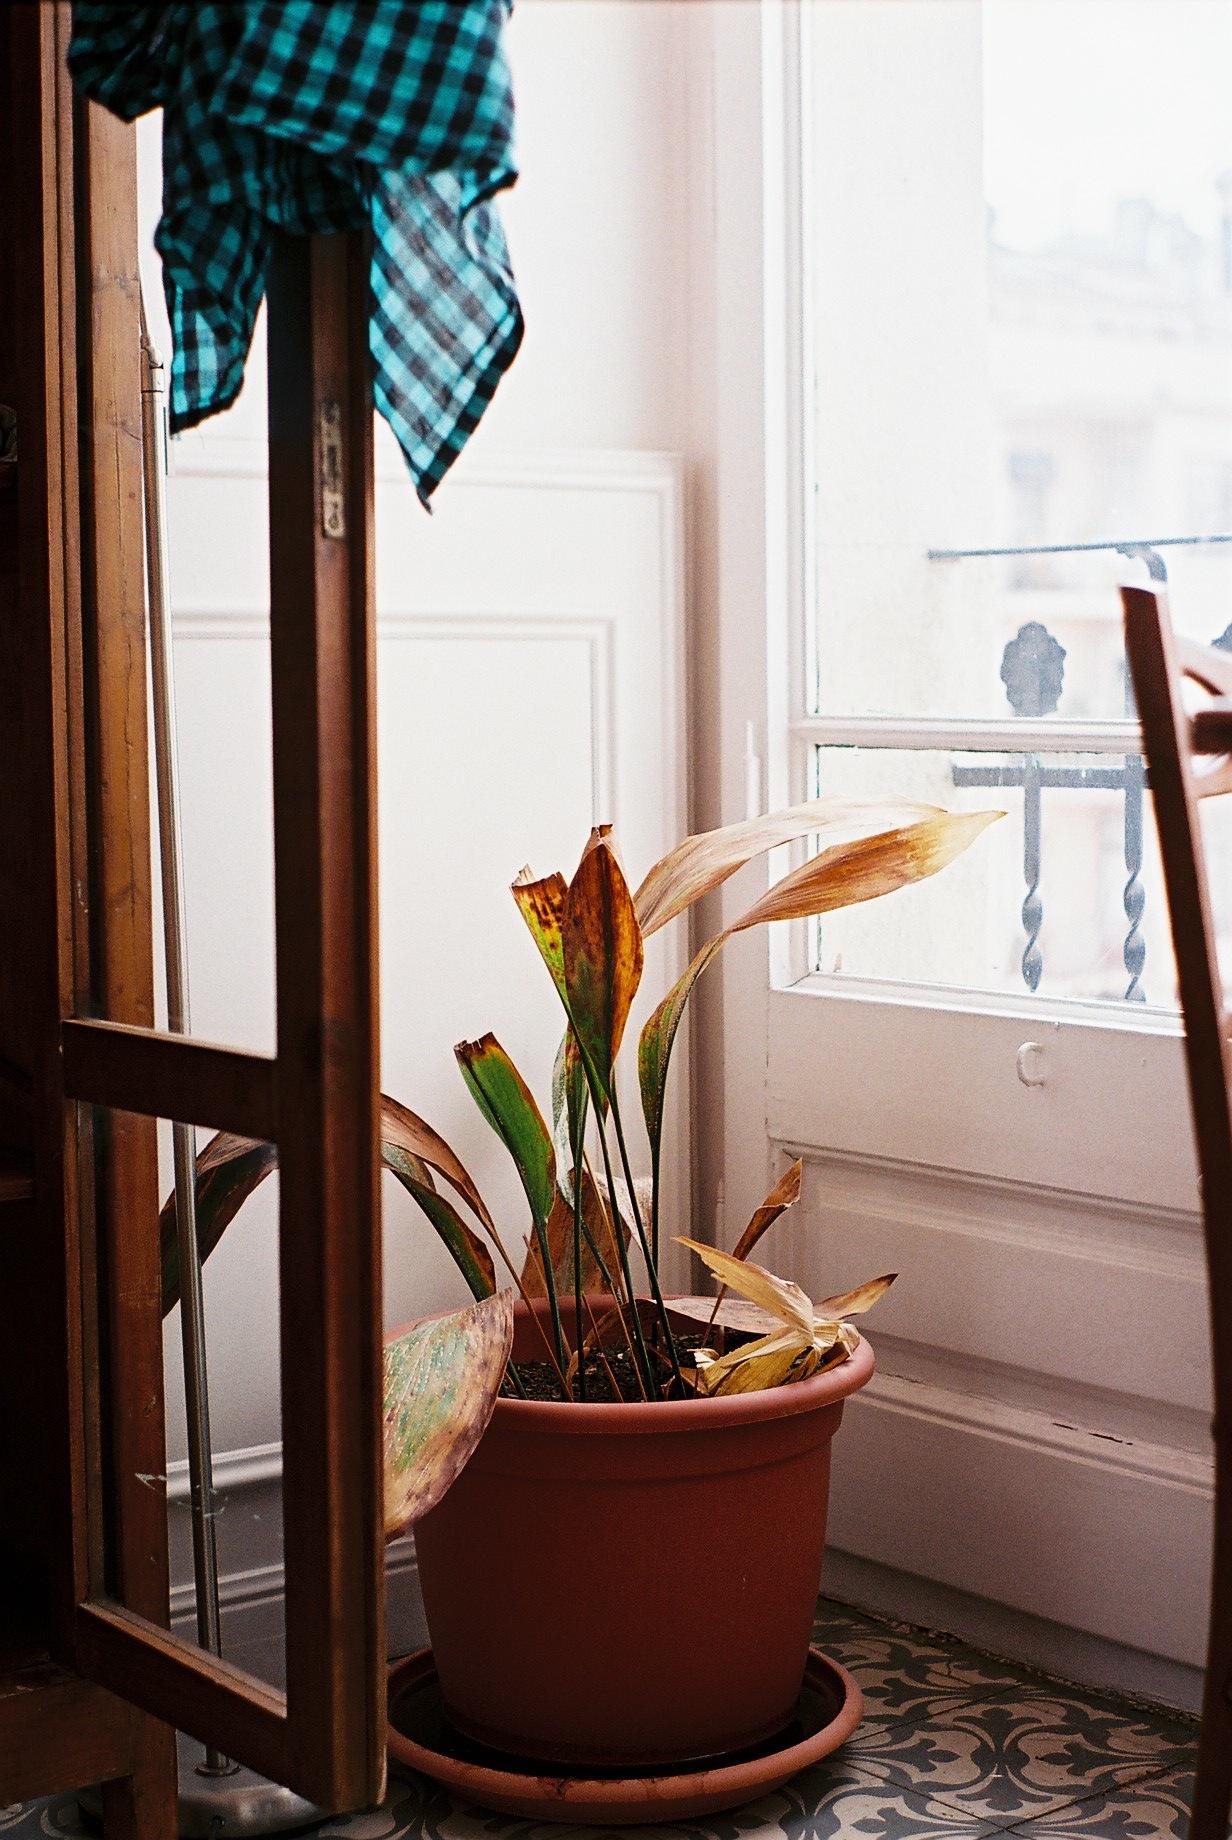 http://lafilladelfotografu.irenavisa.com/files/gimgs/60_f1010015.jpg